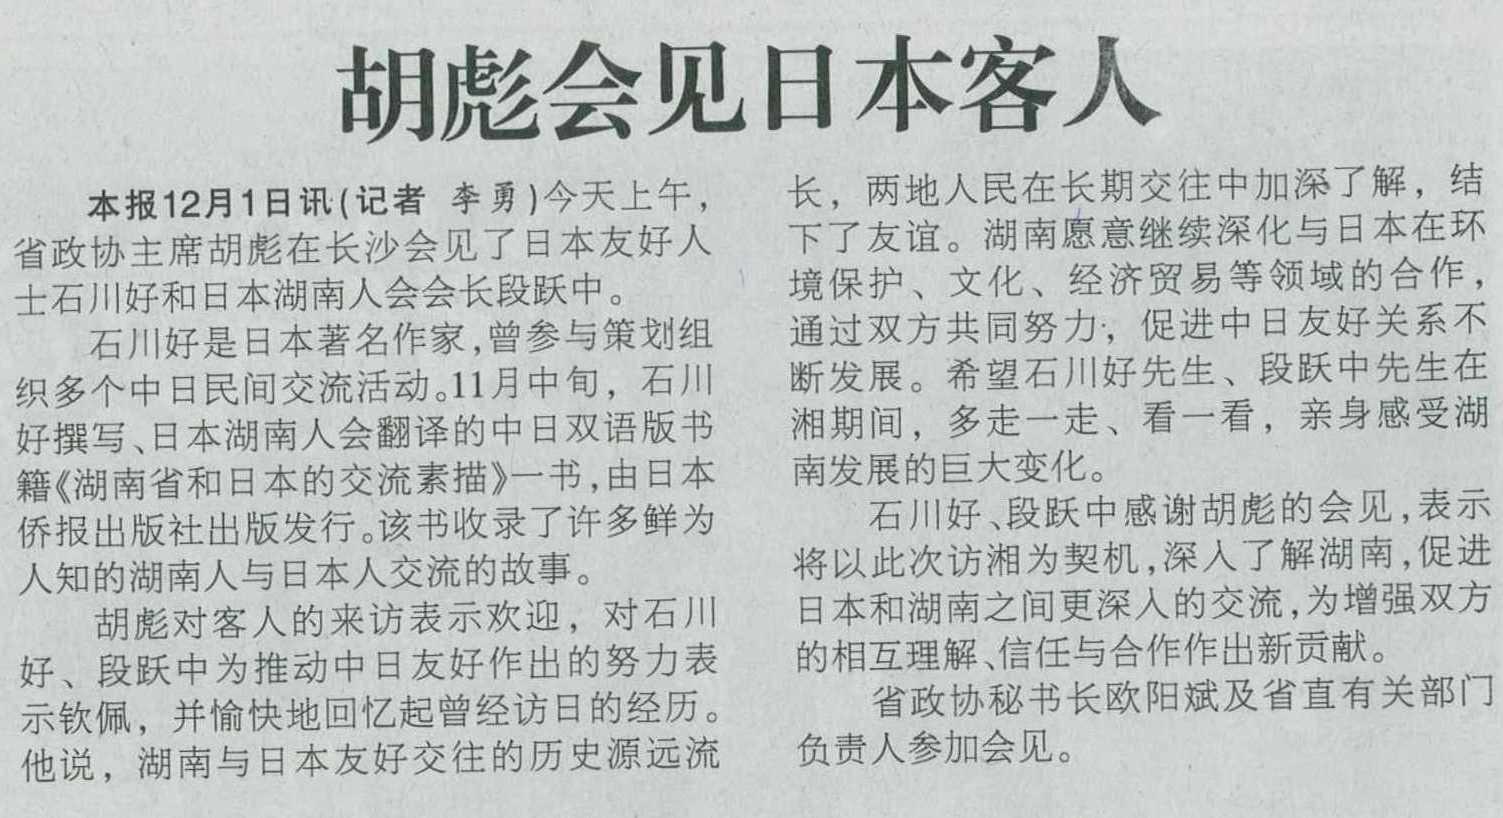 12月2日的《湖南日报》刊登的消息。图片版_d0027795_13262329.jpg